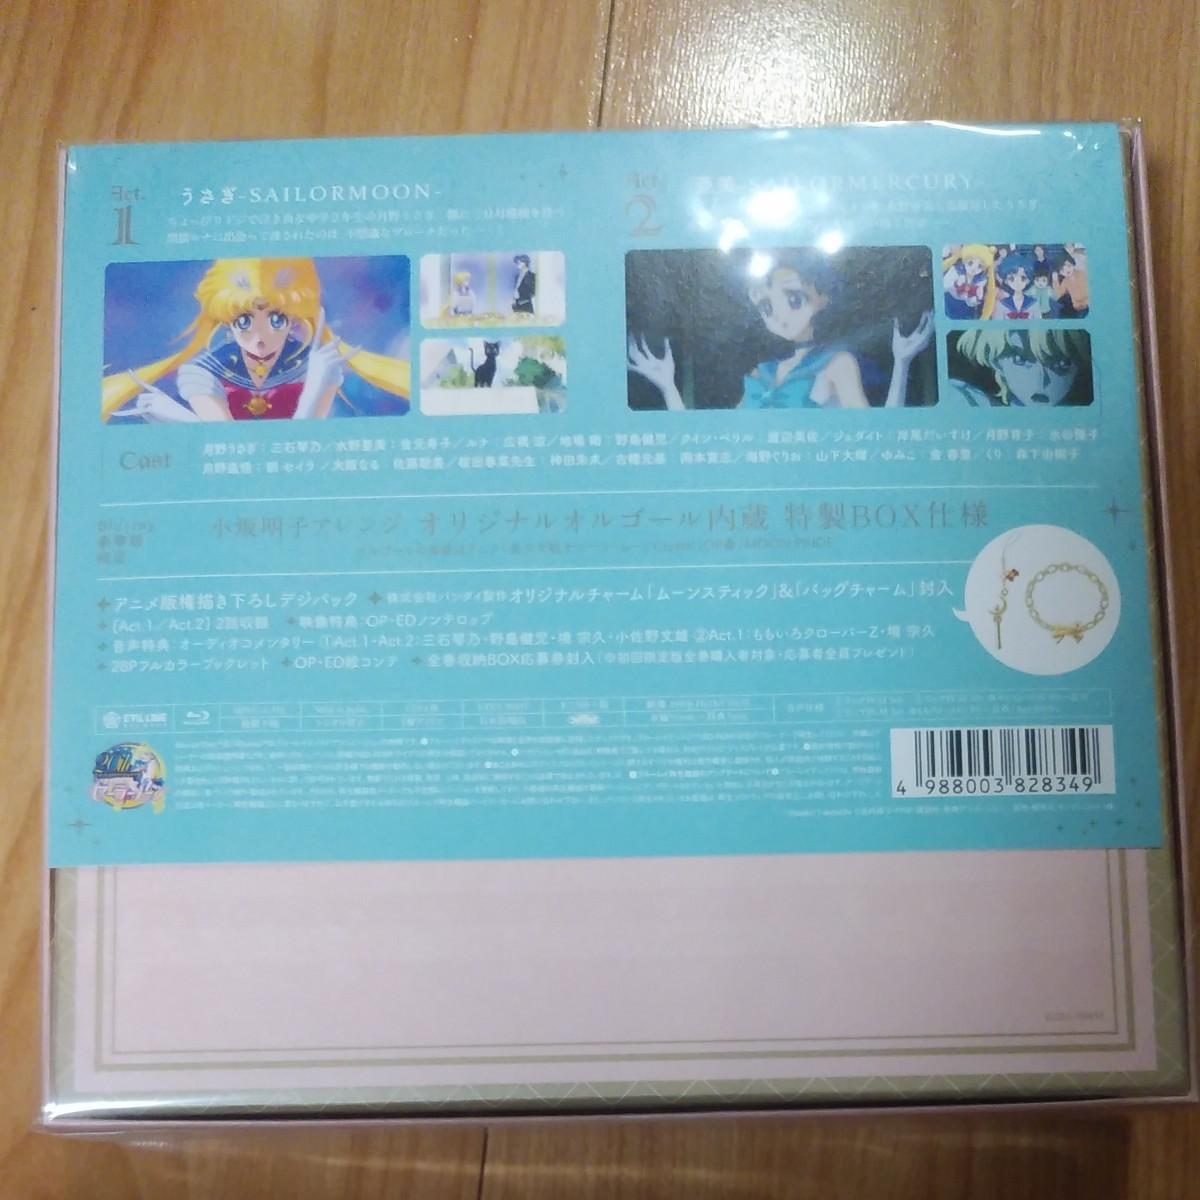 アニメ / 送料無料/ 美少女戦士セーラームーン Crystal 1 Blu-ray 初回限定豪華版/BLU-RAY DISC